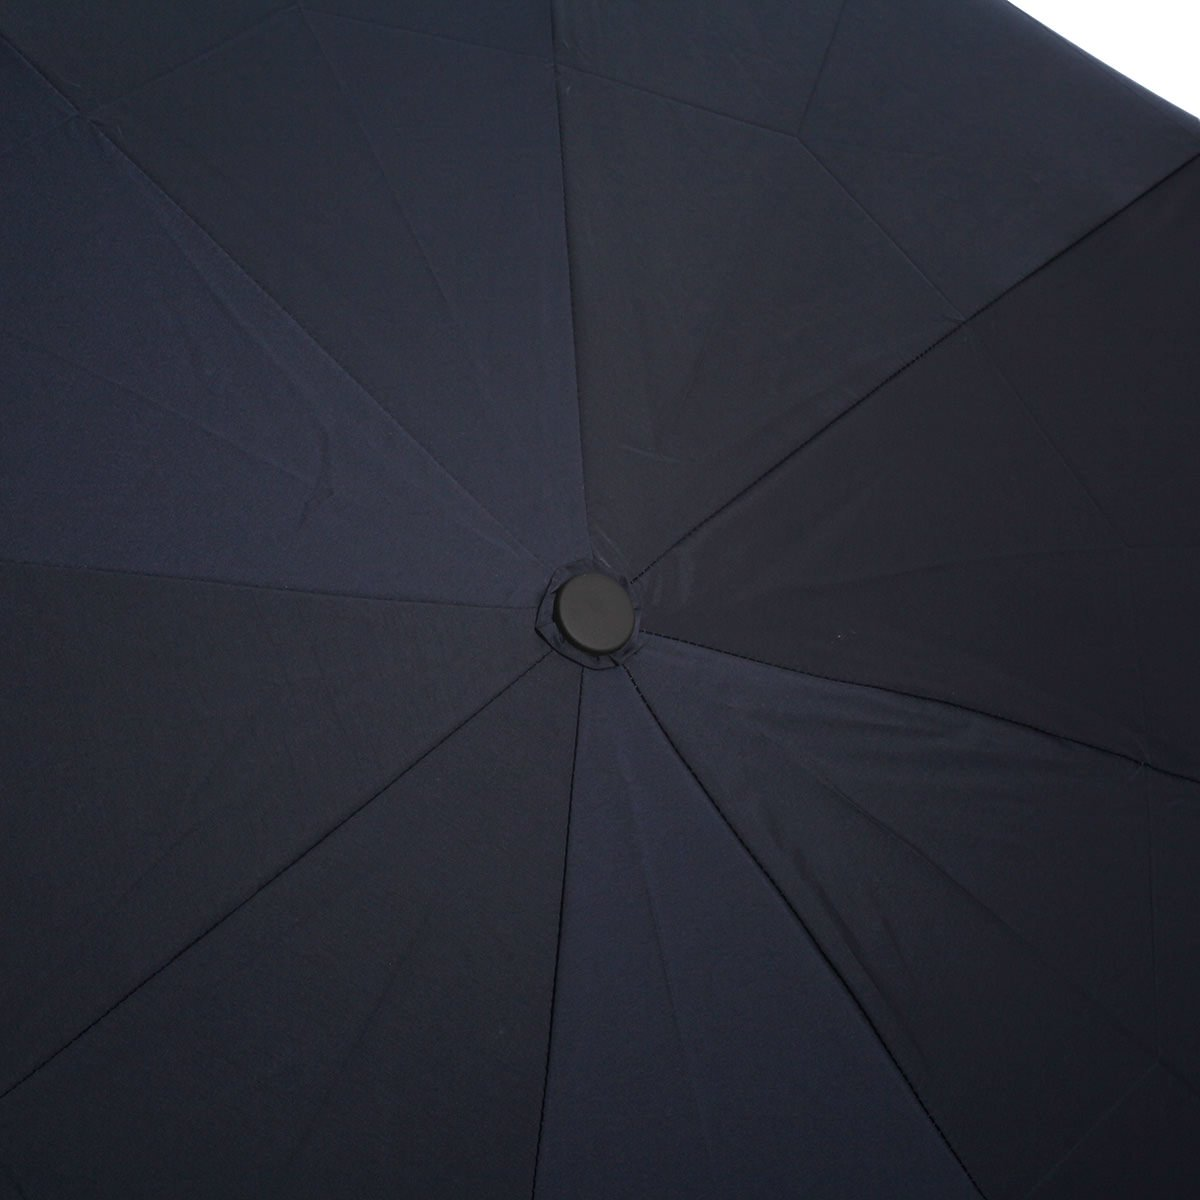 自動開閉 強力撥水 レインドロップ レクタス 折りたたみ傘 詳細画像11